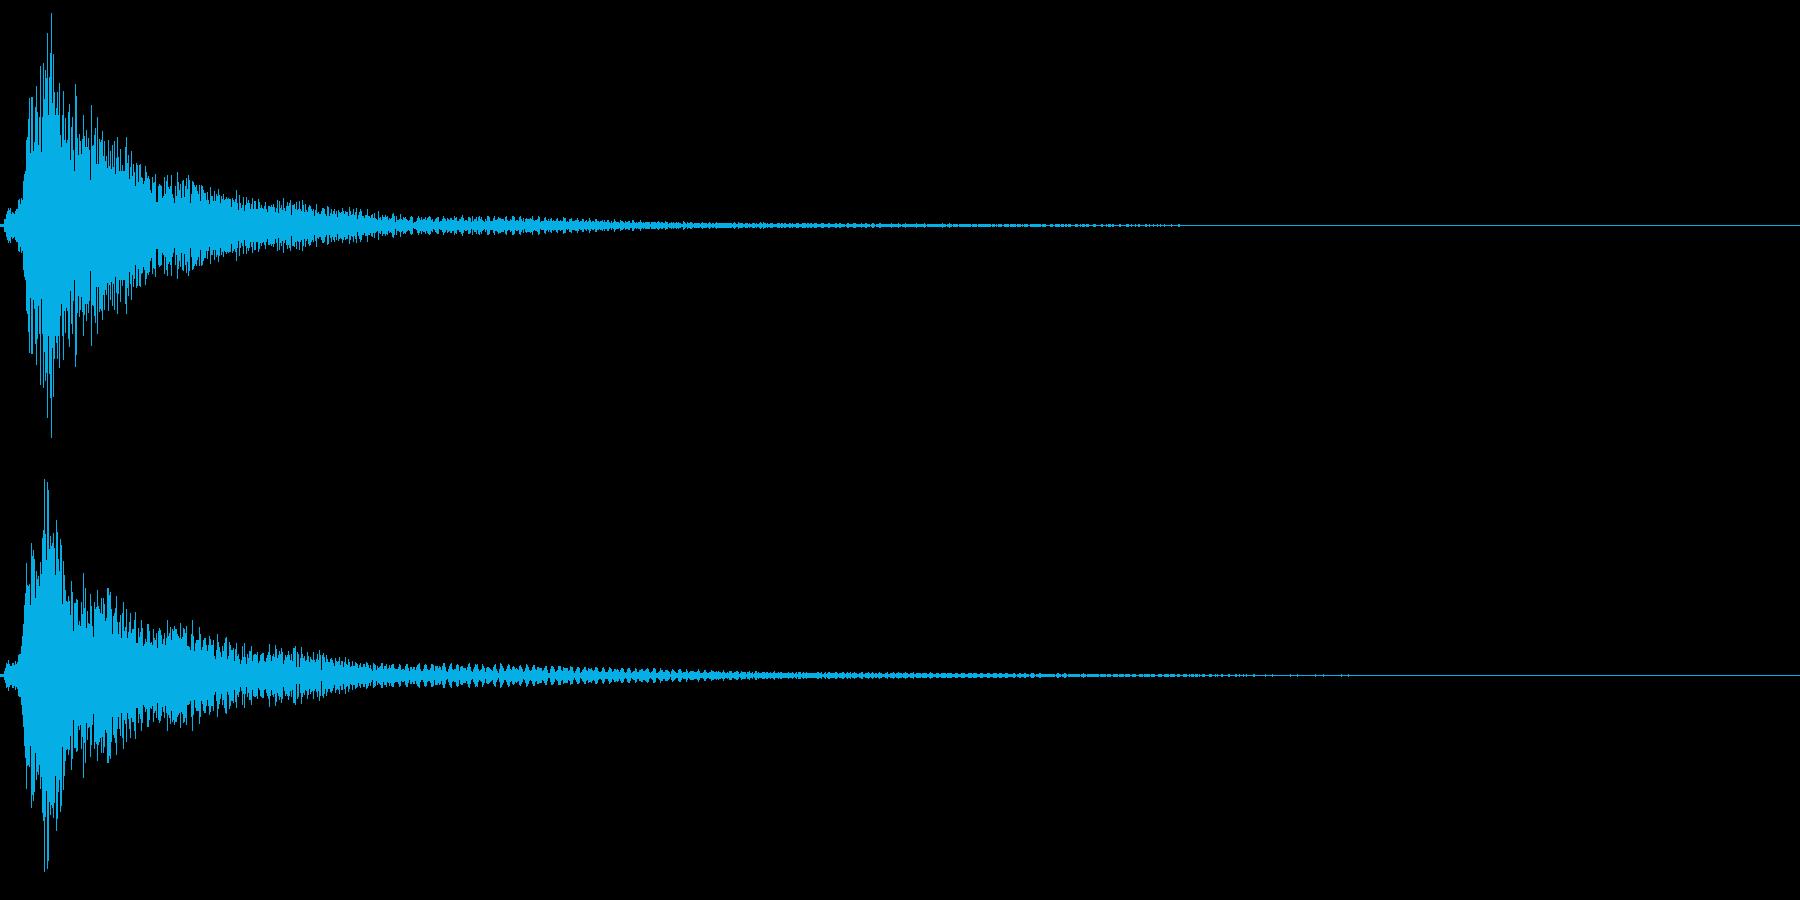 和風「タラン」琴のロゴ音2の再生済みの波形